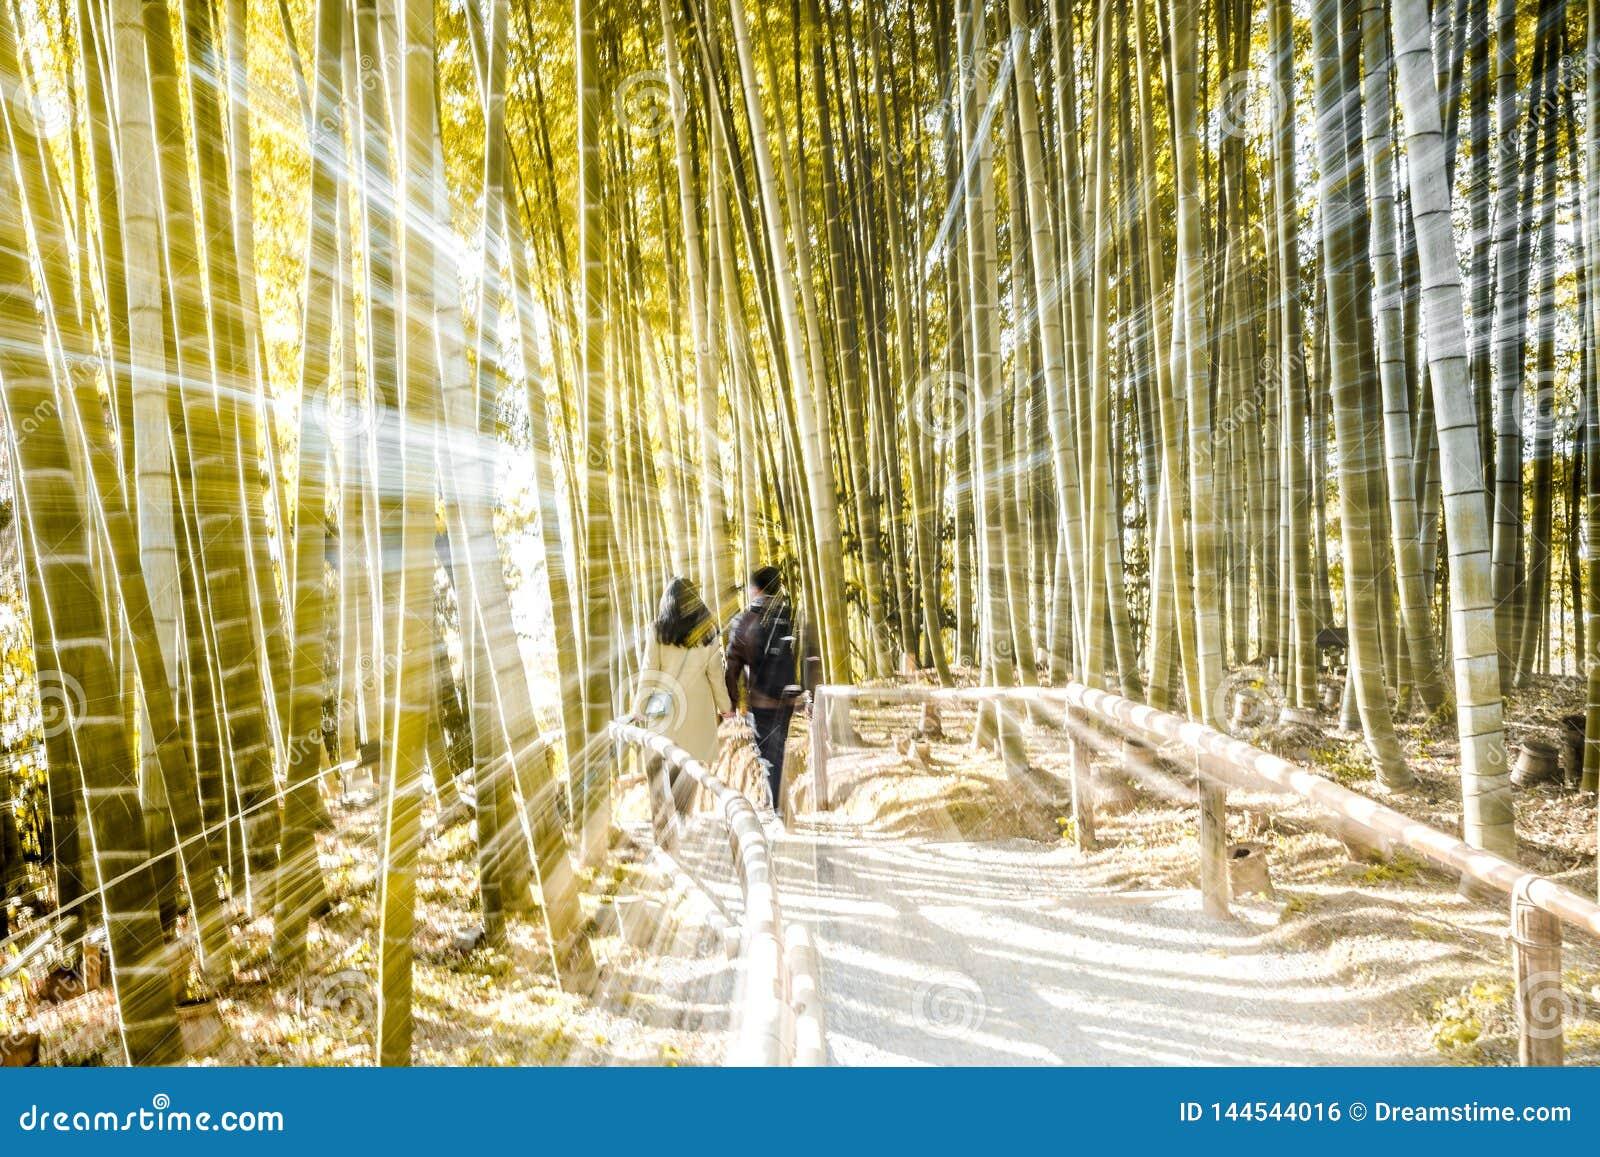 Bambu Forest Effect